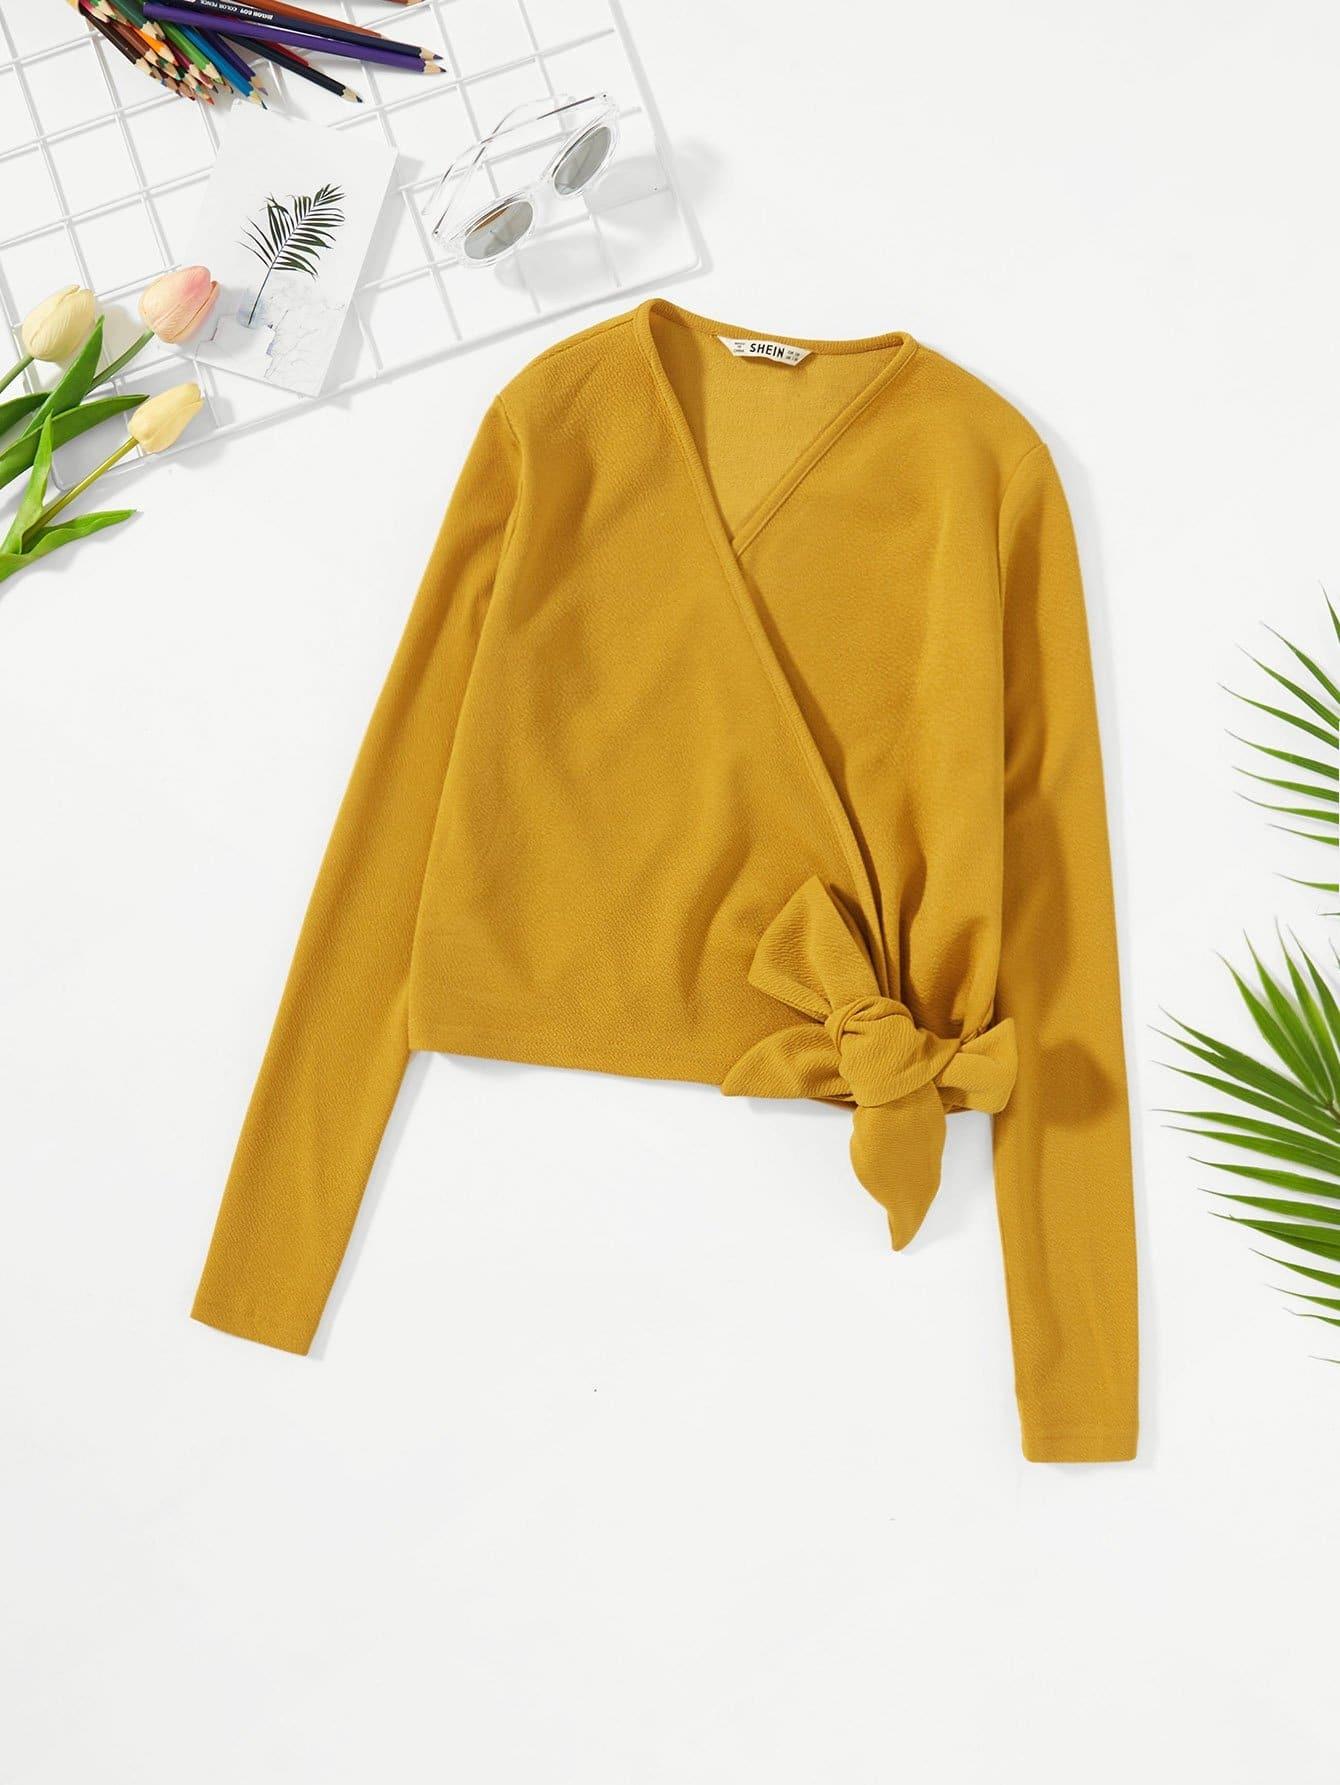 Купить Текстурированная облегающая рубашка и с украшением банта по обе стороны для девочки, null, SheIn